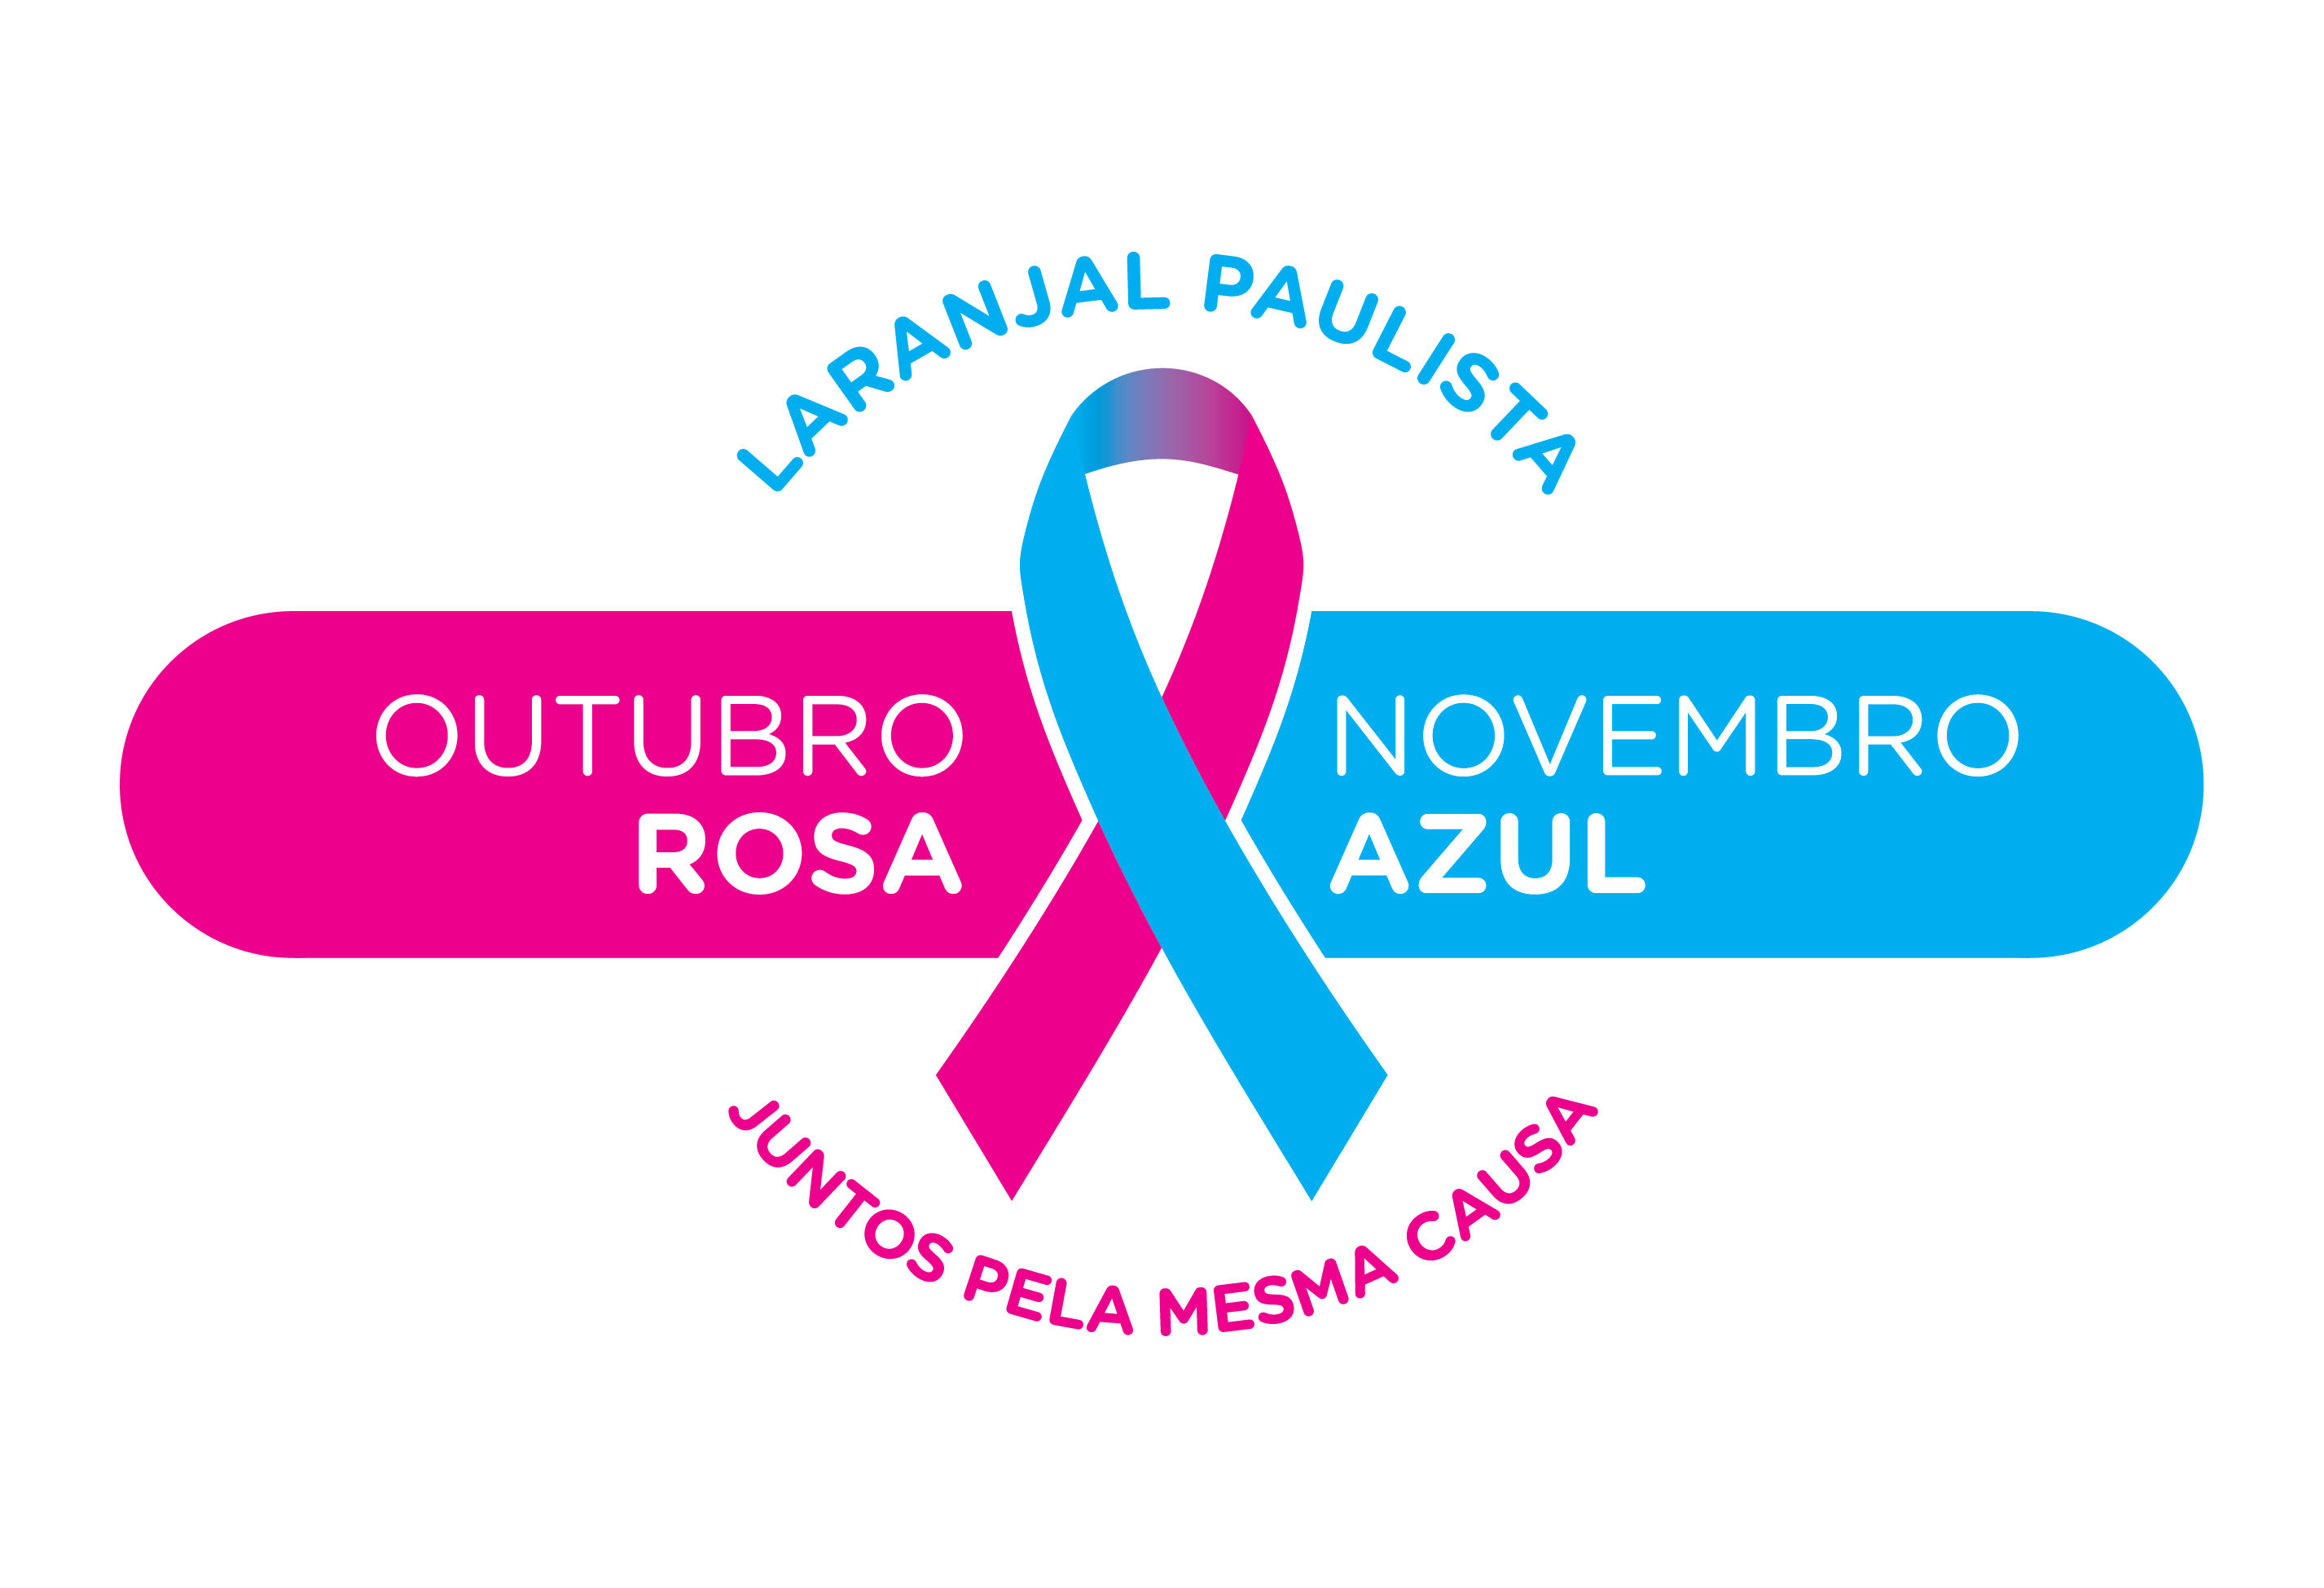 Laranjal Paulista em prol as campanhas Outubro Rosa e Novembro Azul Juntos pela mesma causa  -> Decoração De Outubro Rosa E Novembro Azul